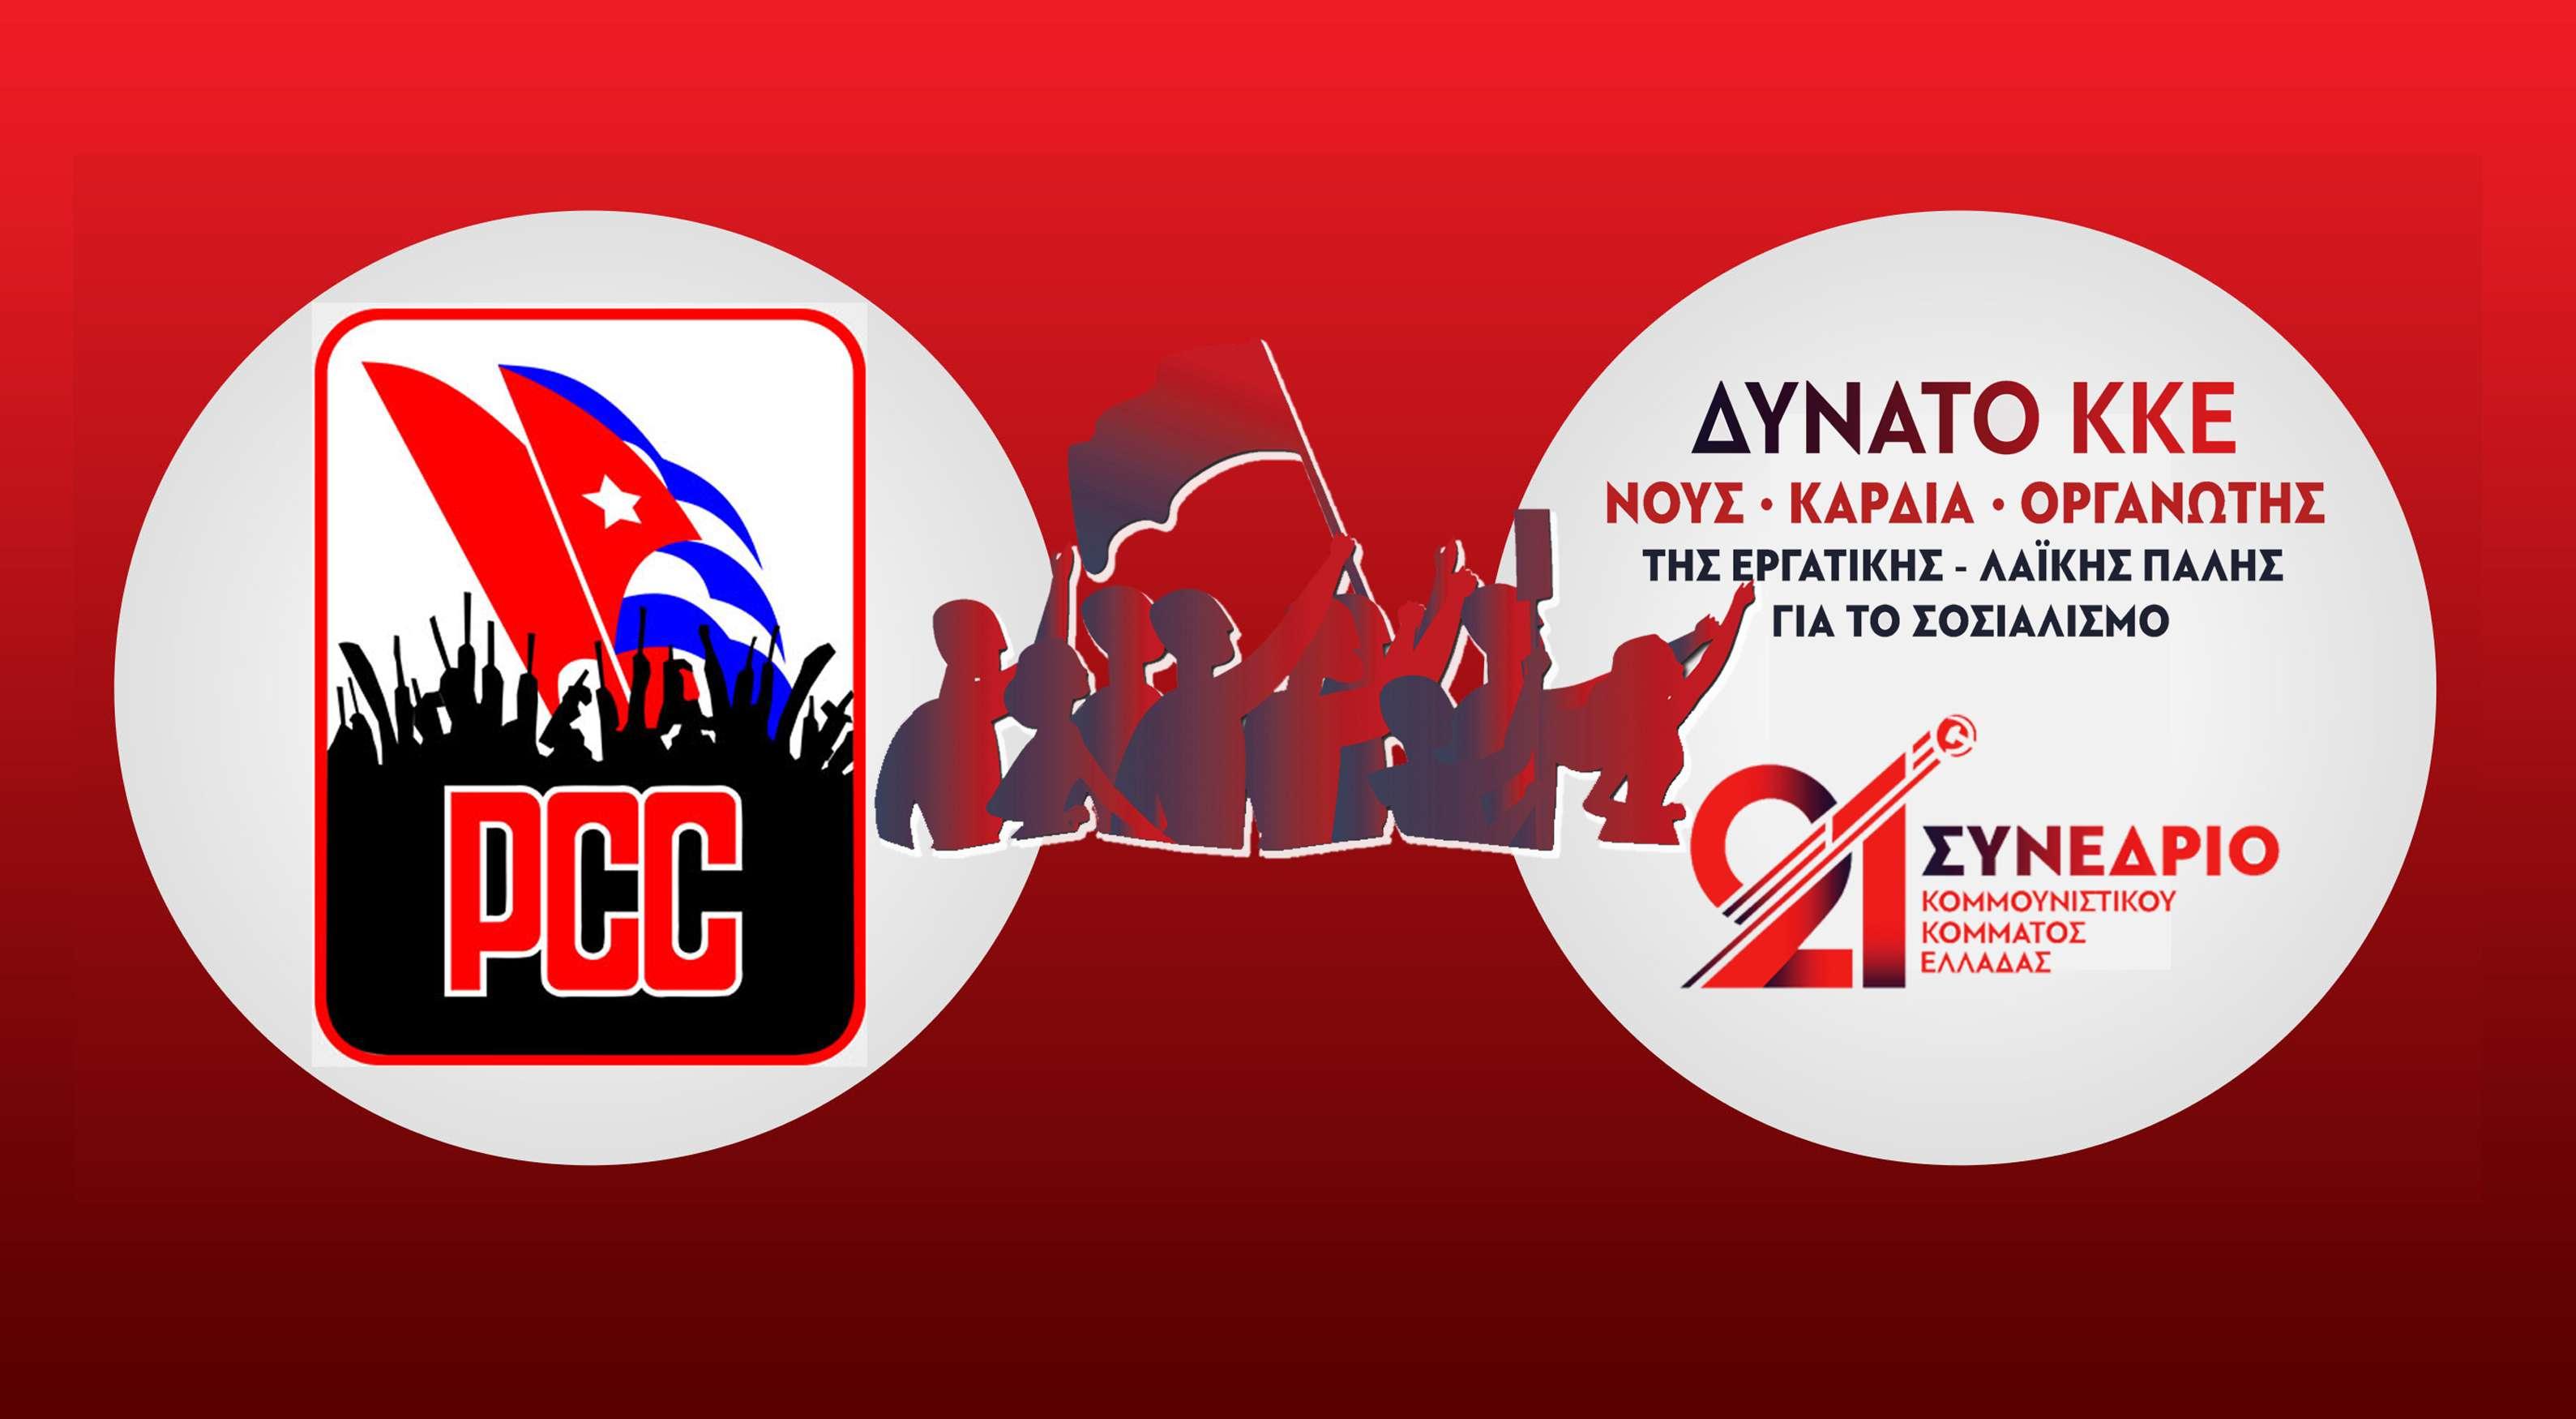 Mensaje de saludo del Partido Comunista de Cuba en el XXI Congreso del KKE Χαιρετιστήριο μήνυμα του Κομμουνιστικού Κόμματος Κούβας στο 21ο Συνέδριο του ΚΚΕ